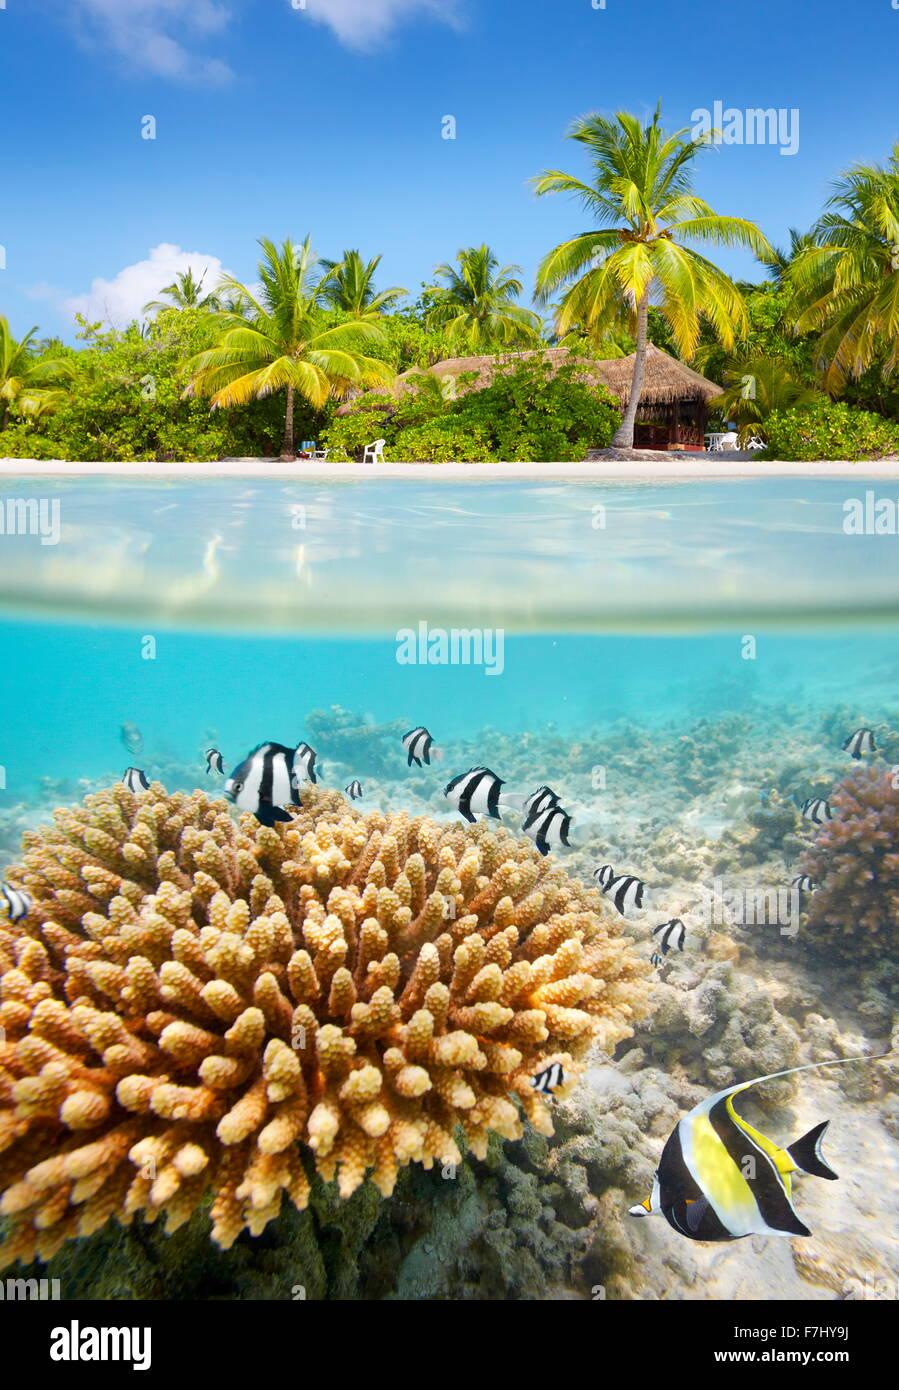 Tropischen Strand und Unterwasser-Blick mit Riff und Fisch, Malediven-Insel Stockbild